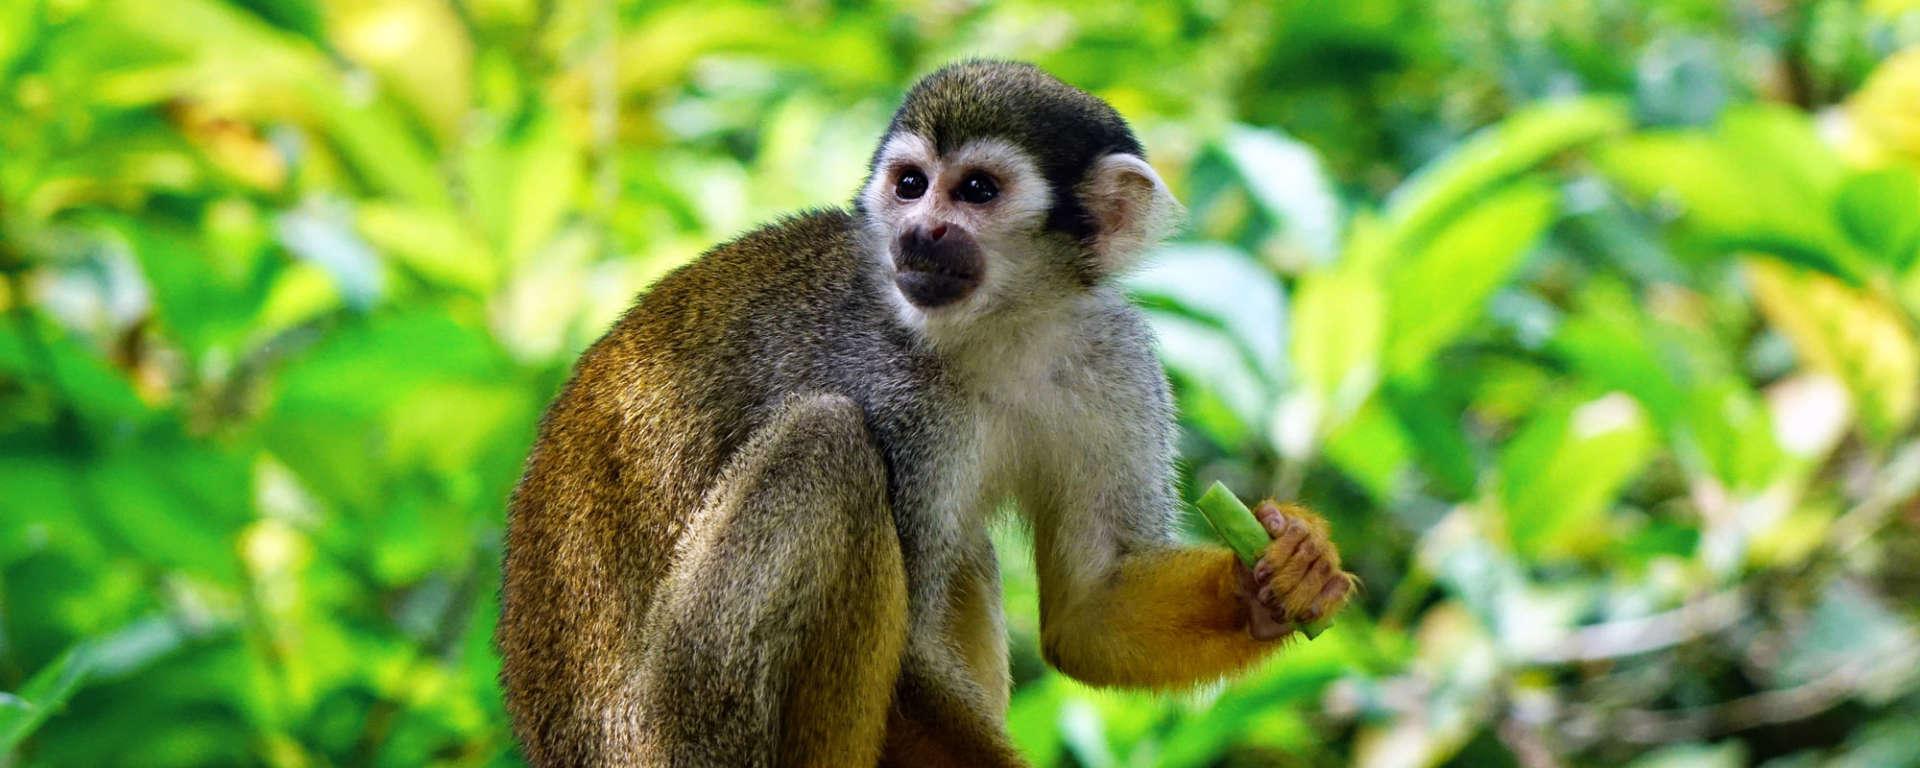 Squirrel Monkey Haven